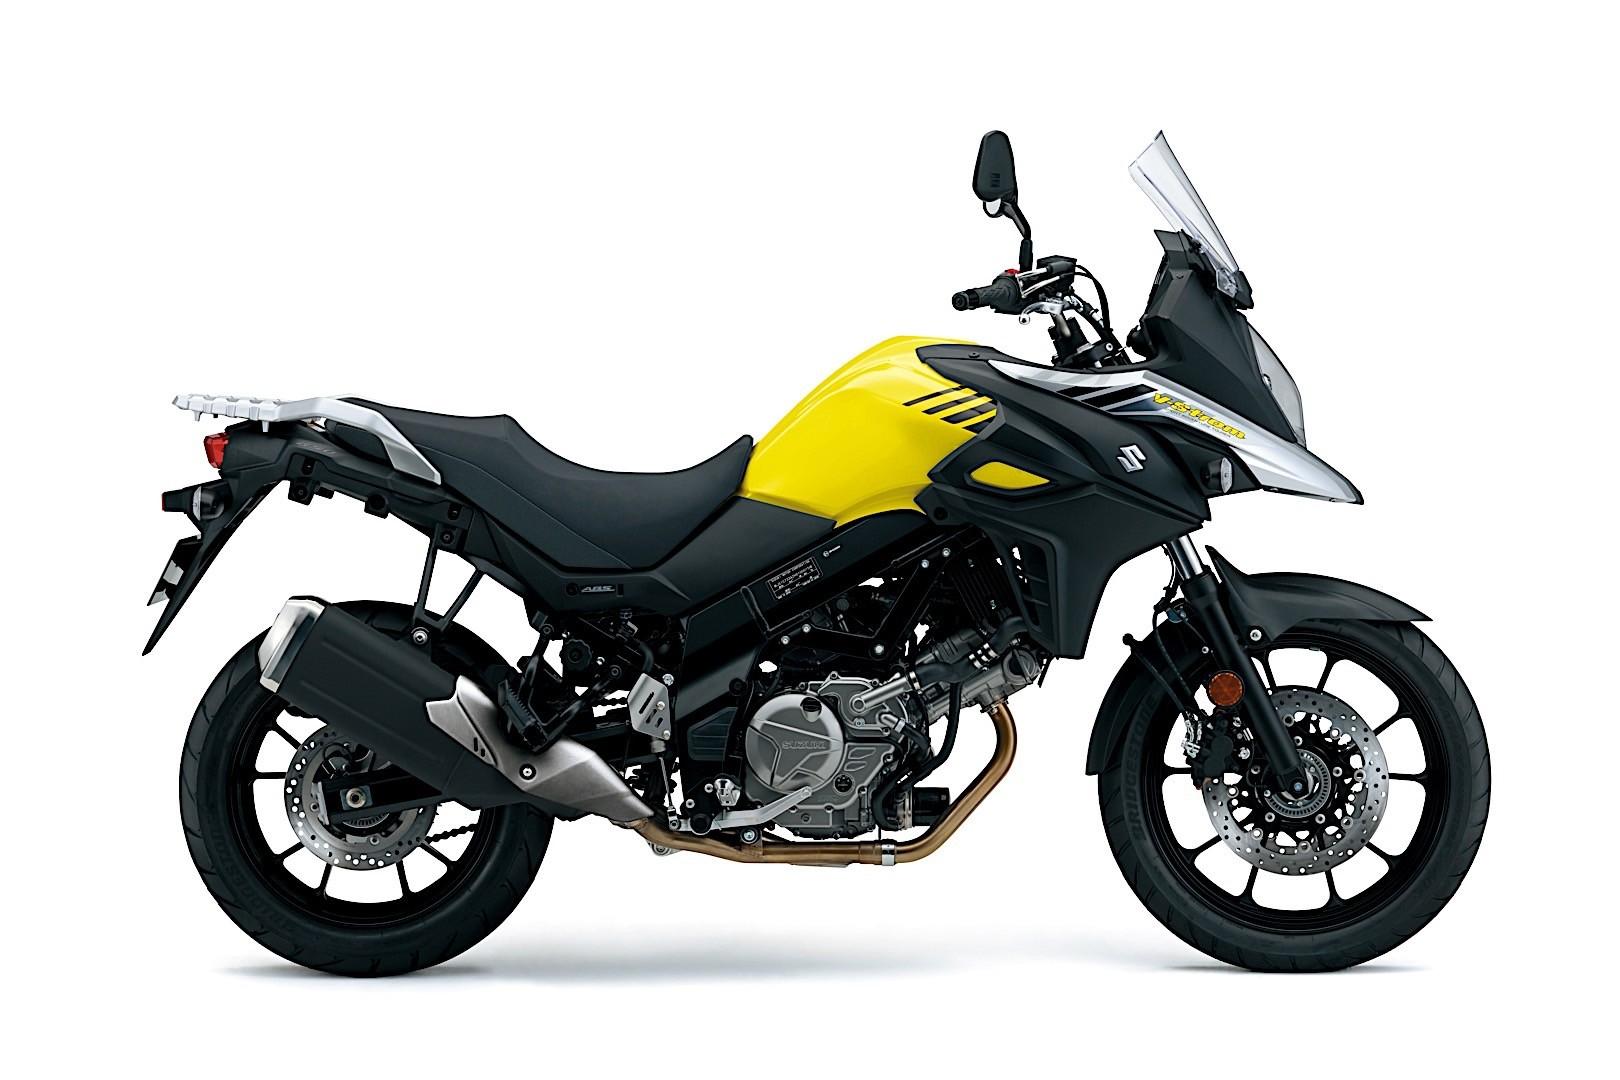 2017 Suzuki V Strom 650 And 1000 Get Updated Autoevolution